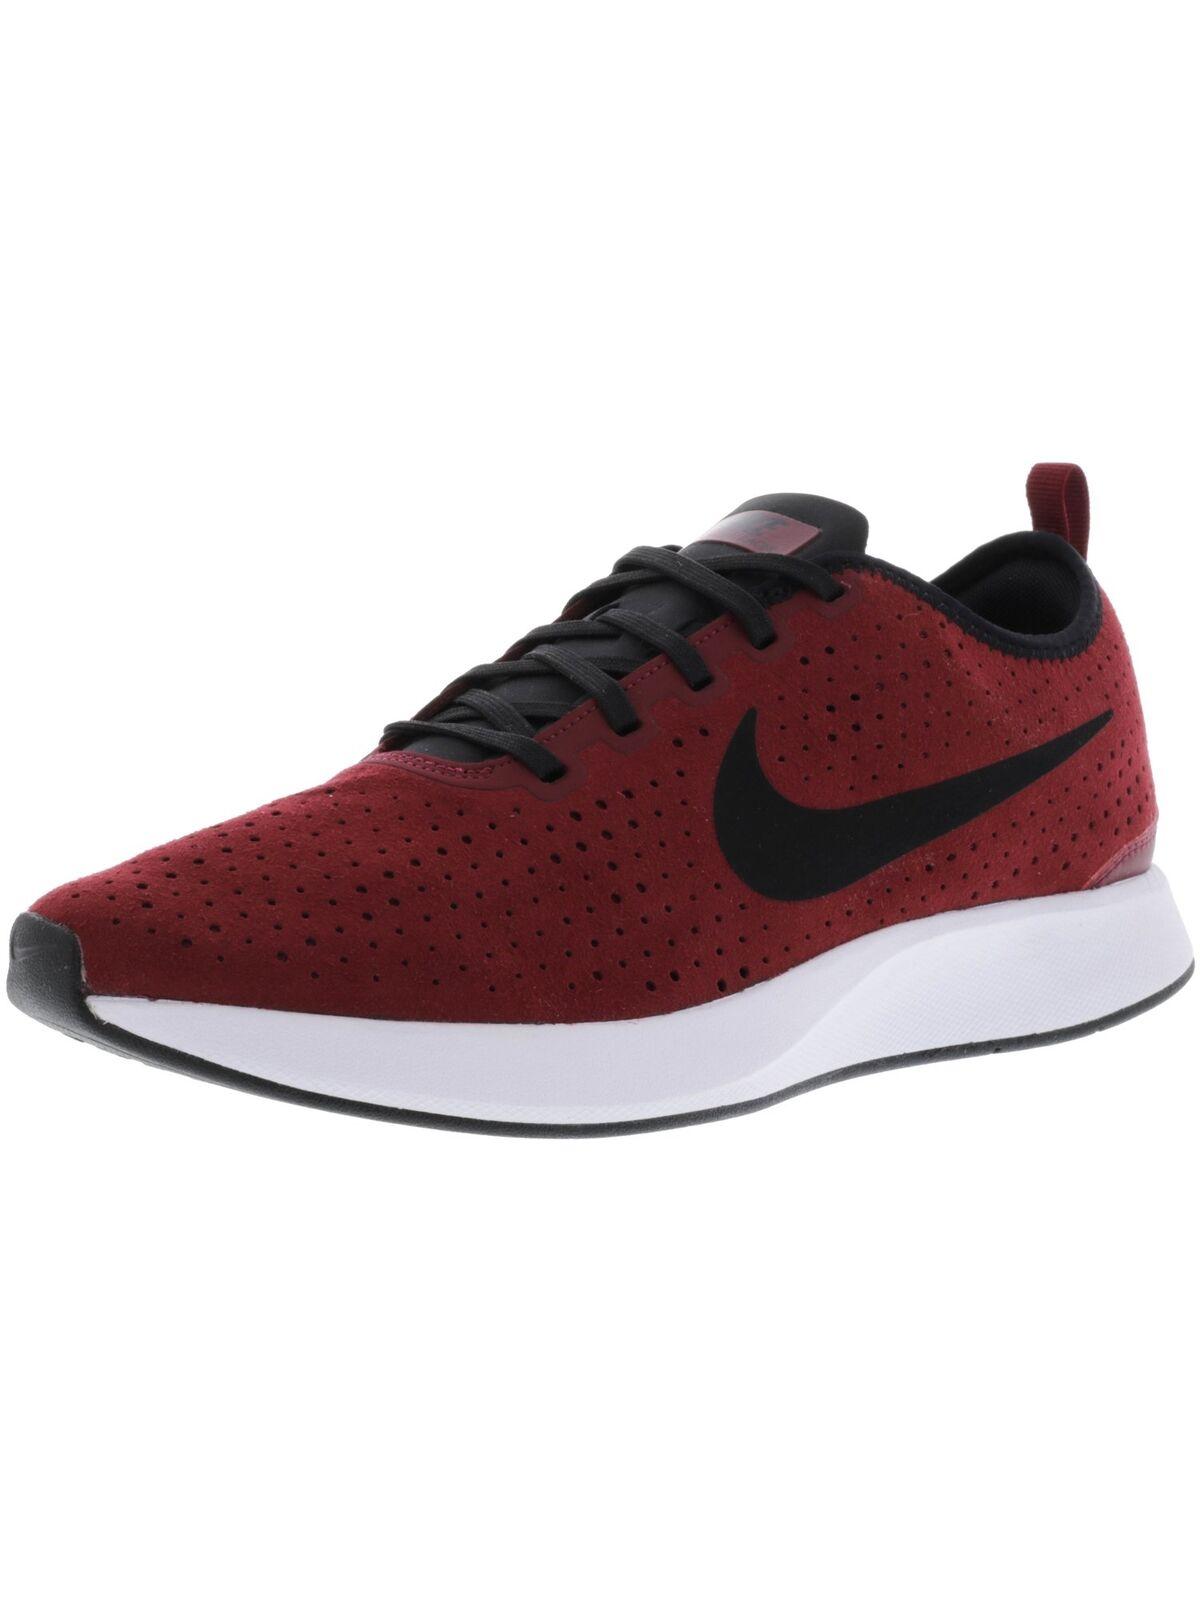 Nike Men's Dualtone Racer Prm Ankle-High Fashion Sneaker